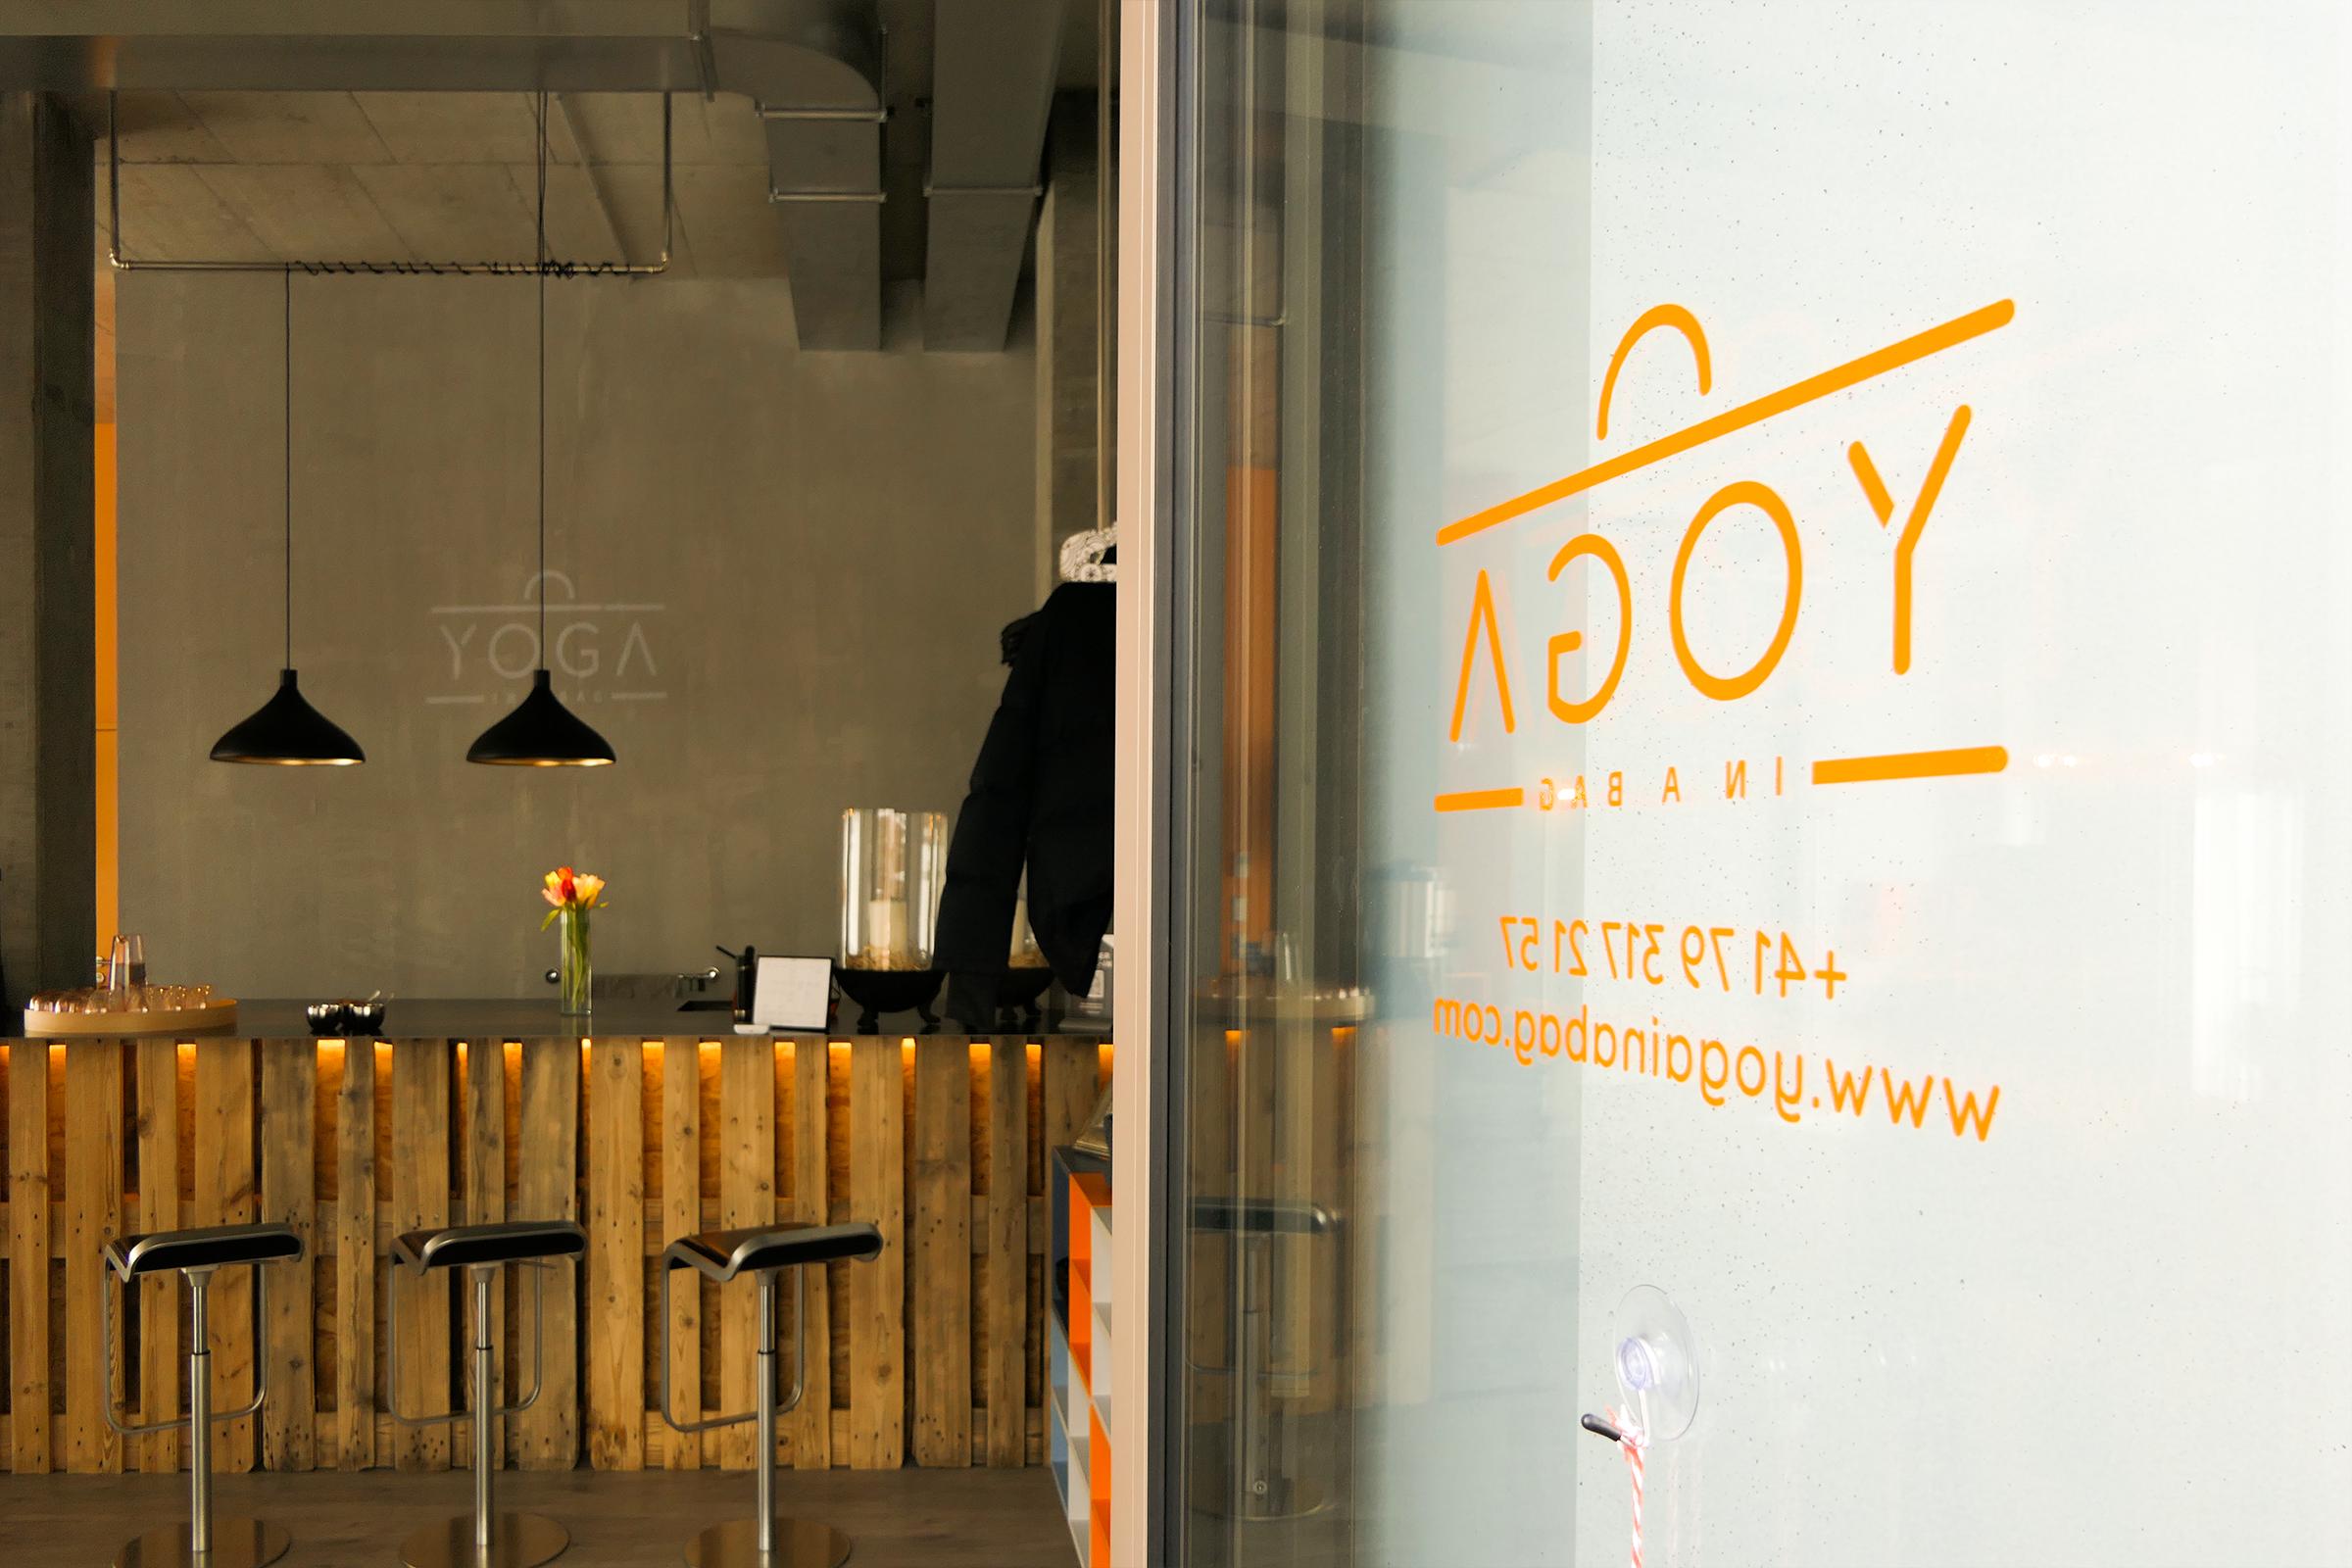 Yoga in a Bag – Corporate Design